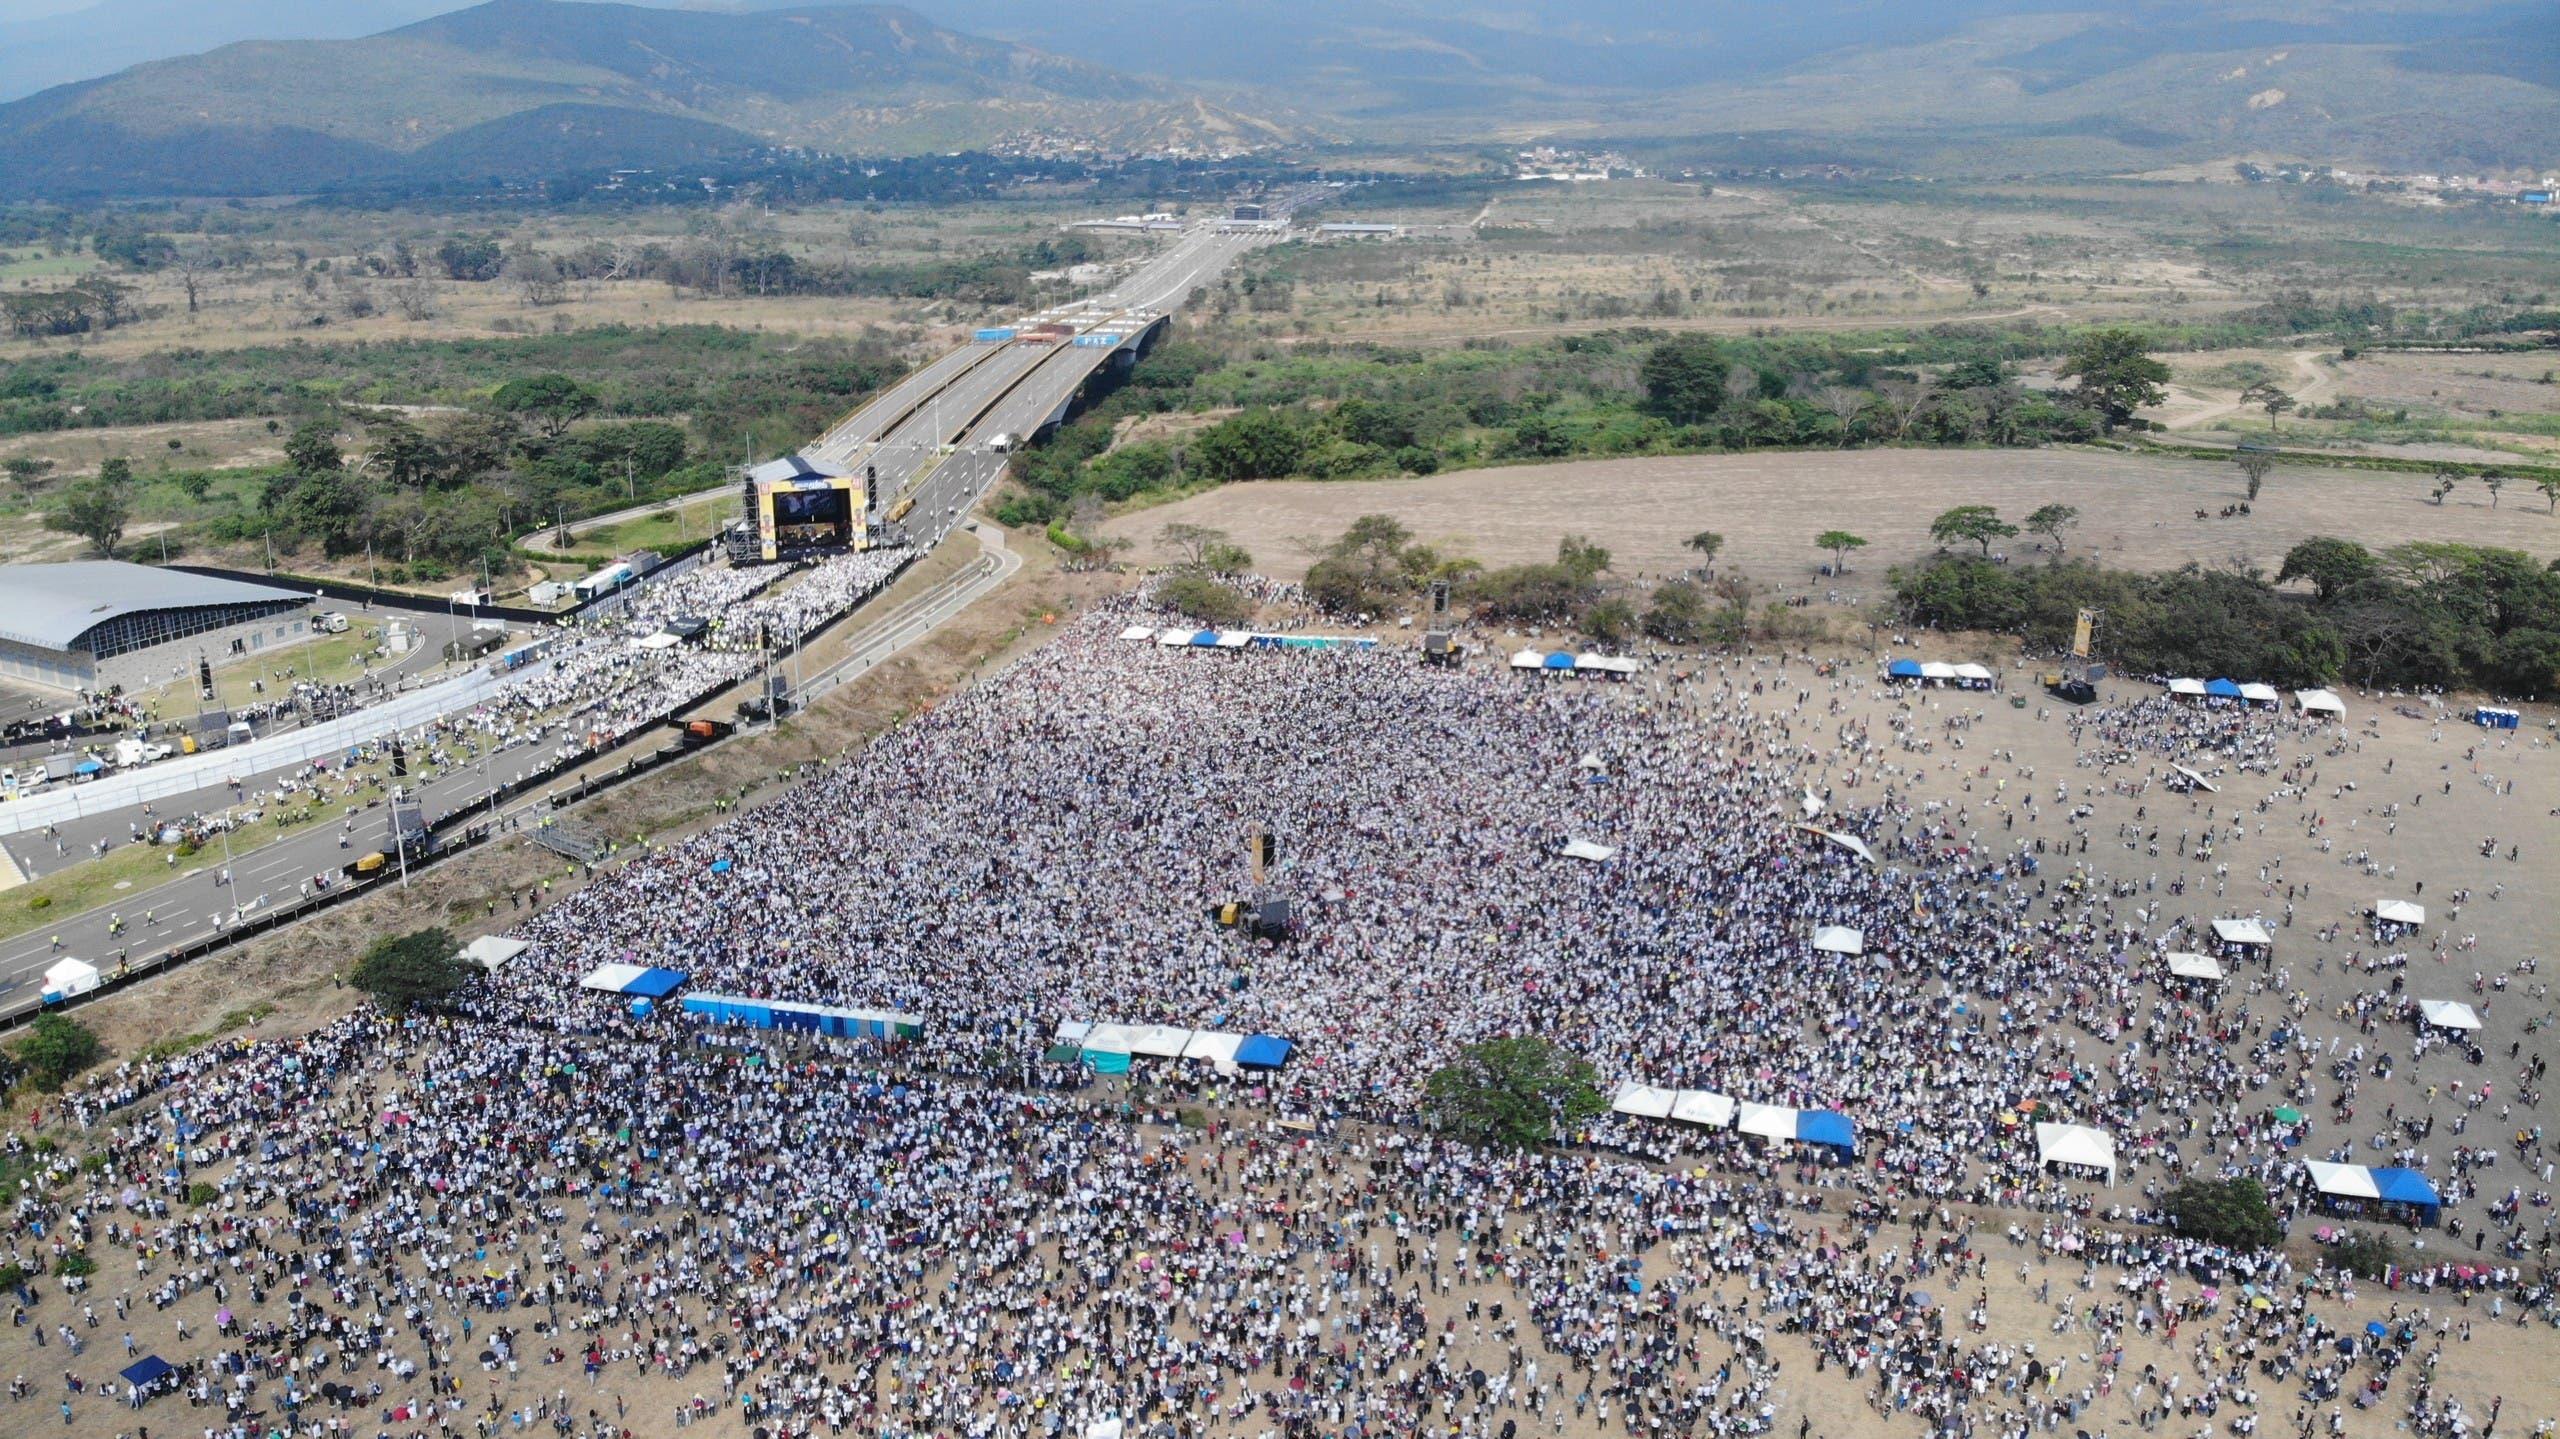 مشهد من الحدود مع كولومبيا